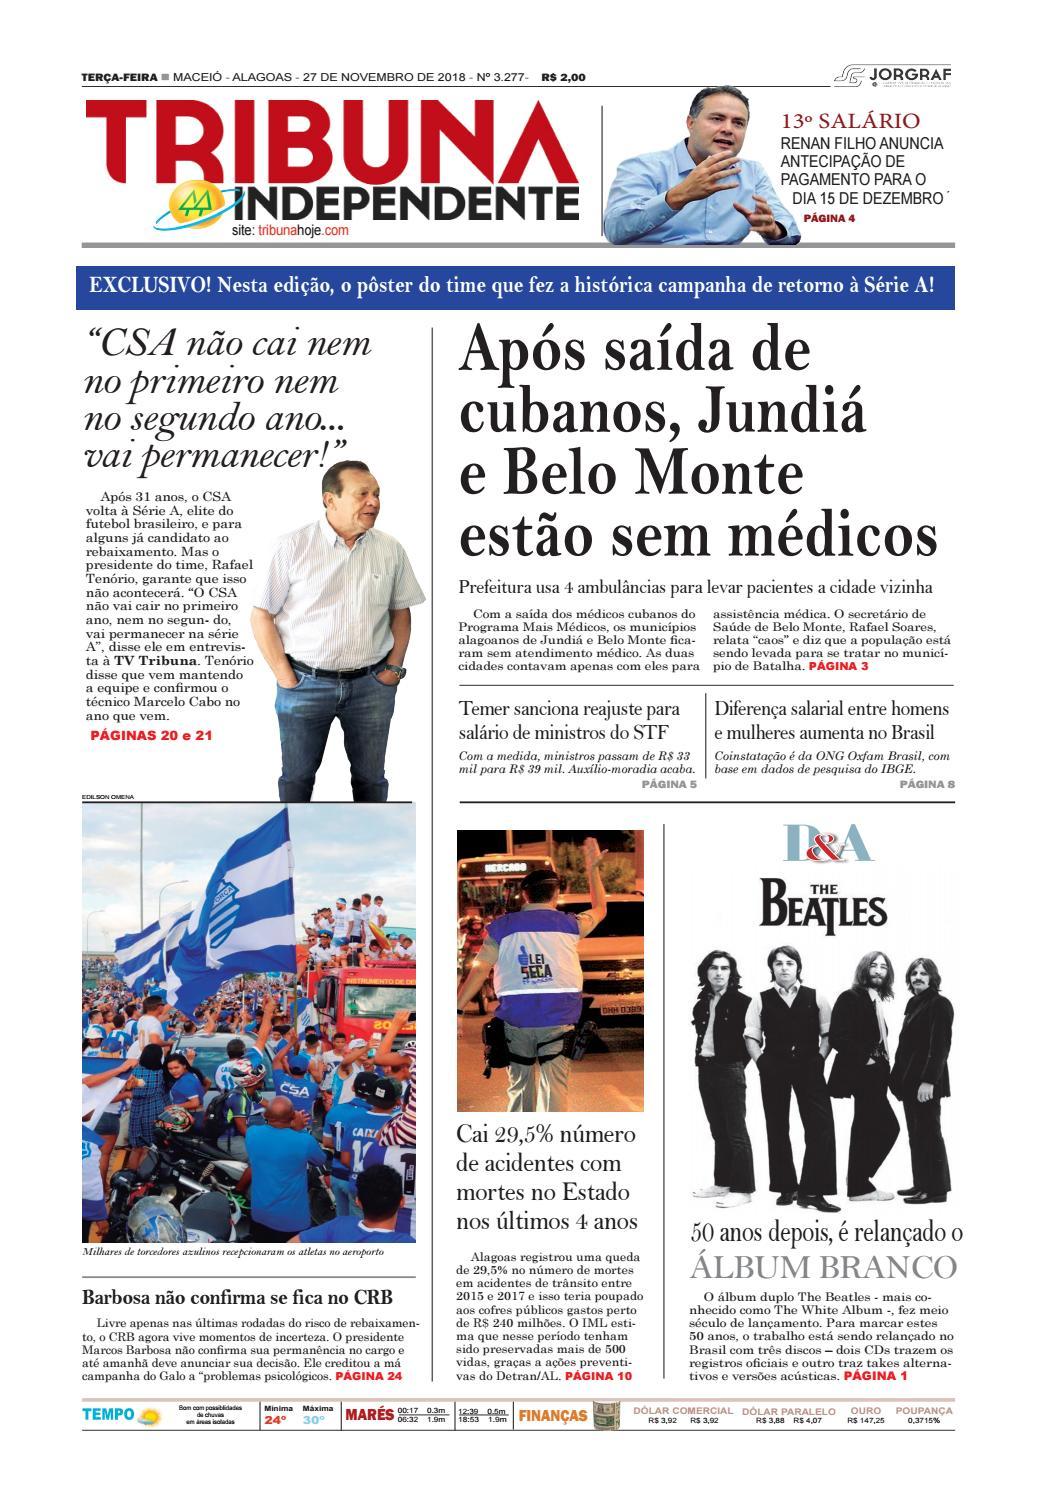 6f93e9975b Edição número 3277 - 27 de novembro de 2018 by Tribuna Hoje - issuu